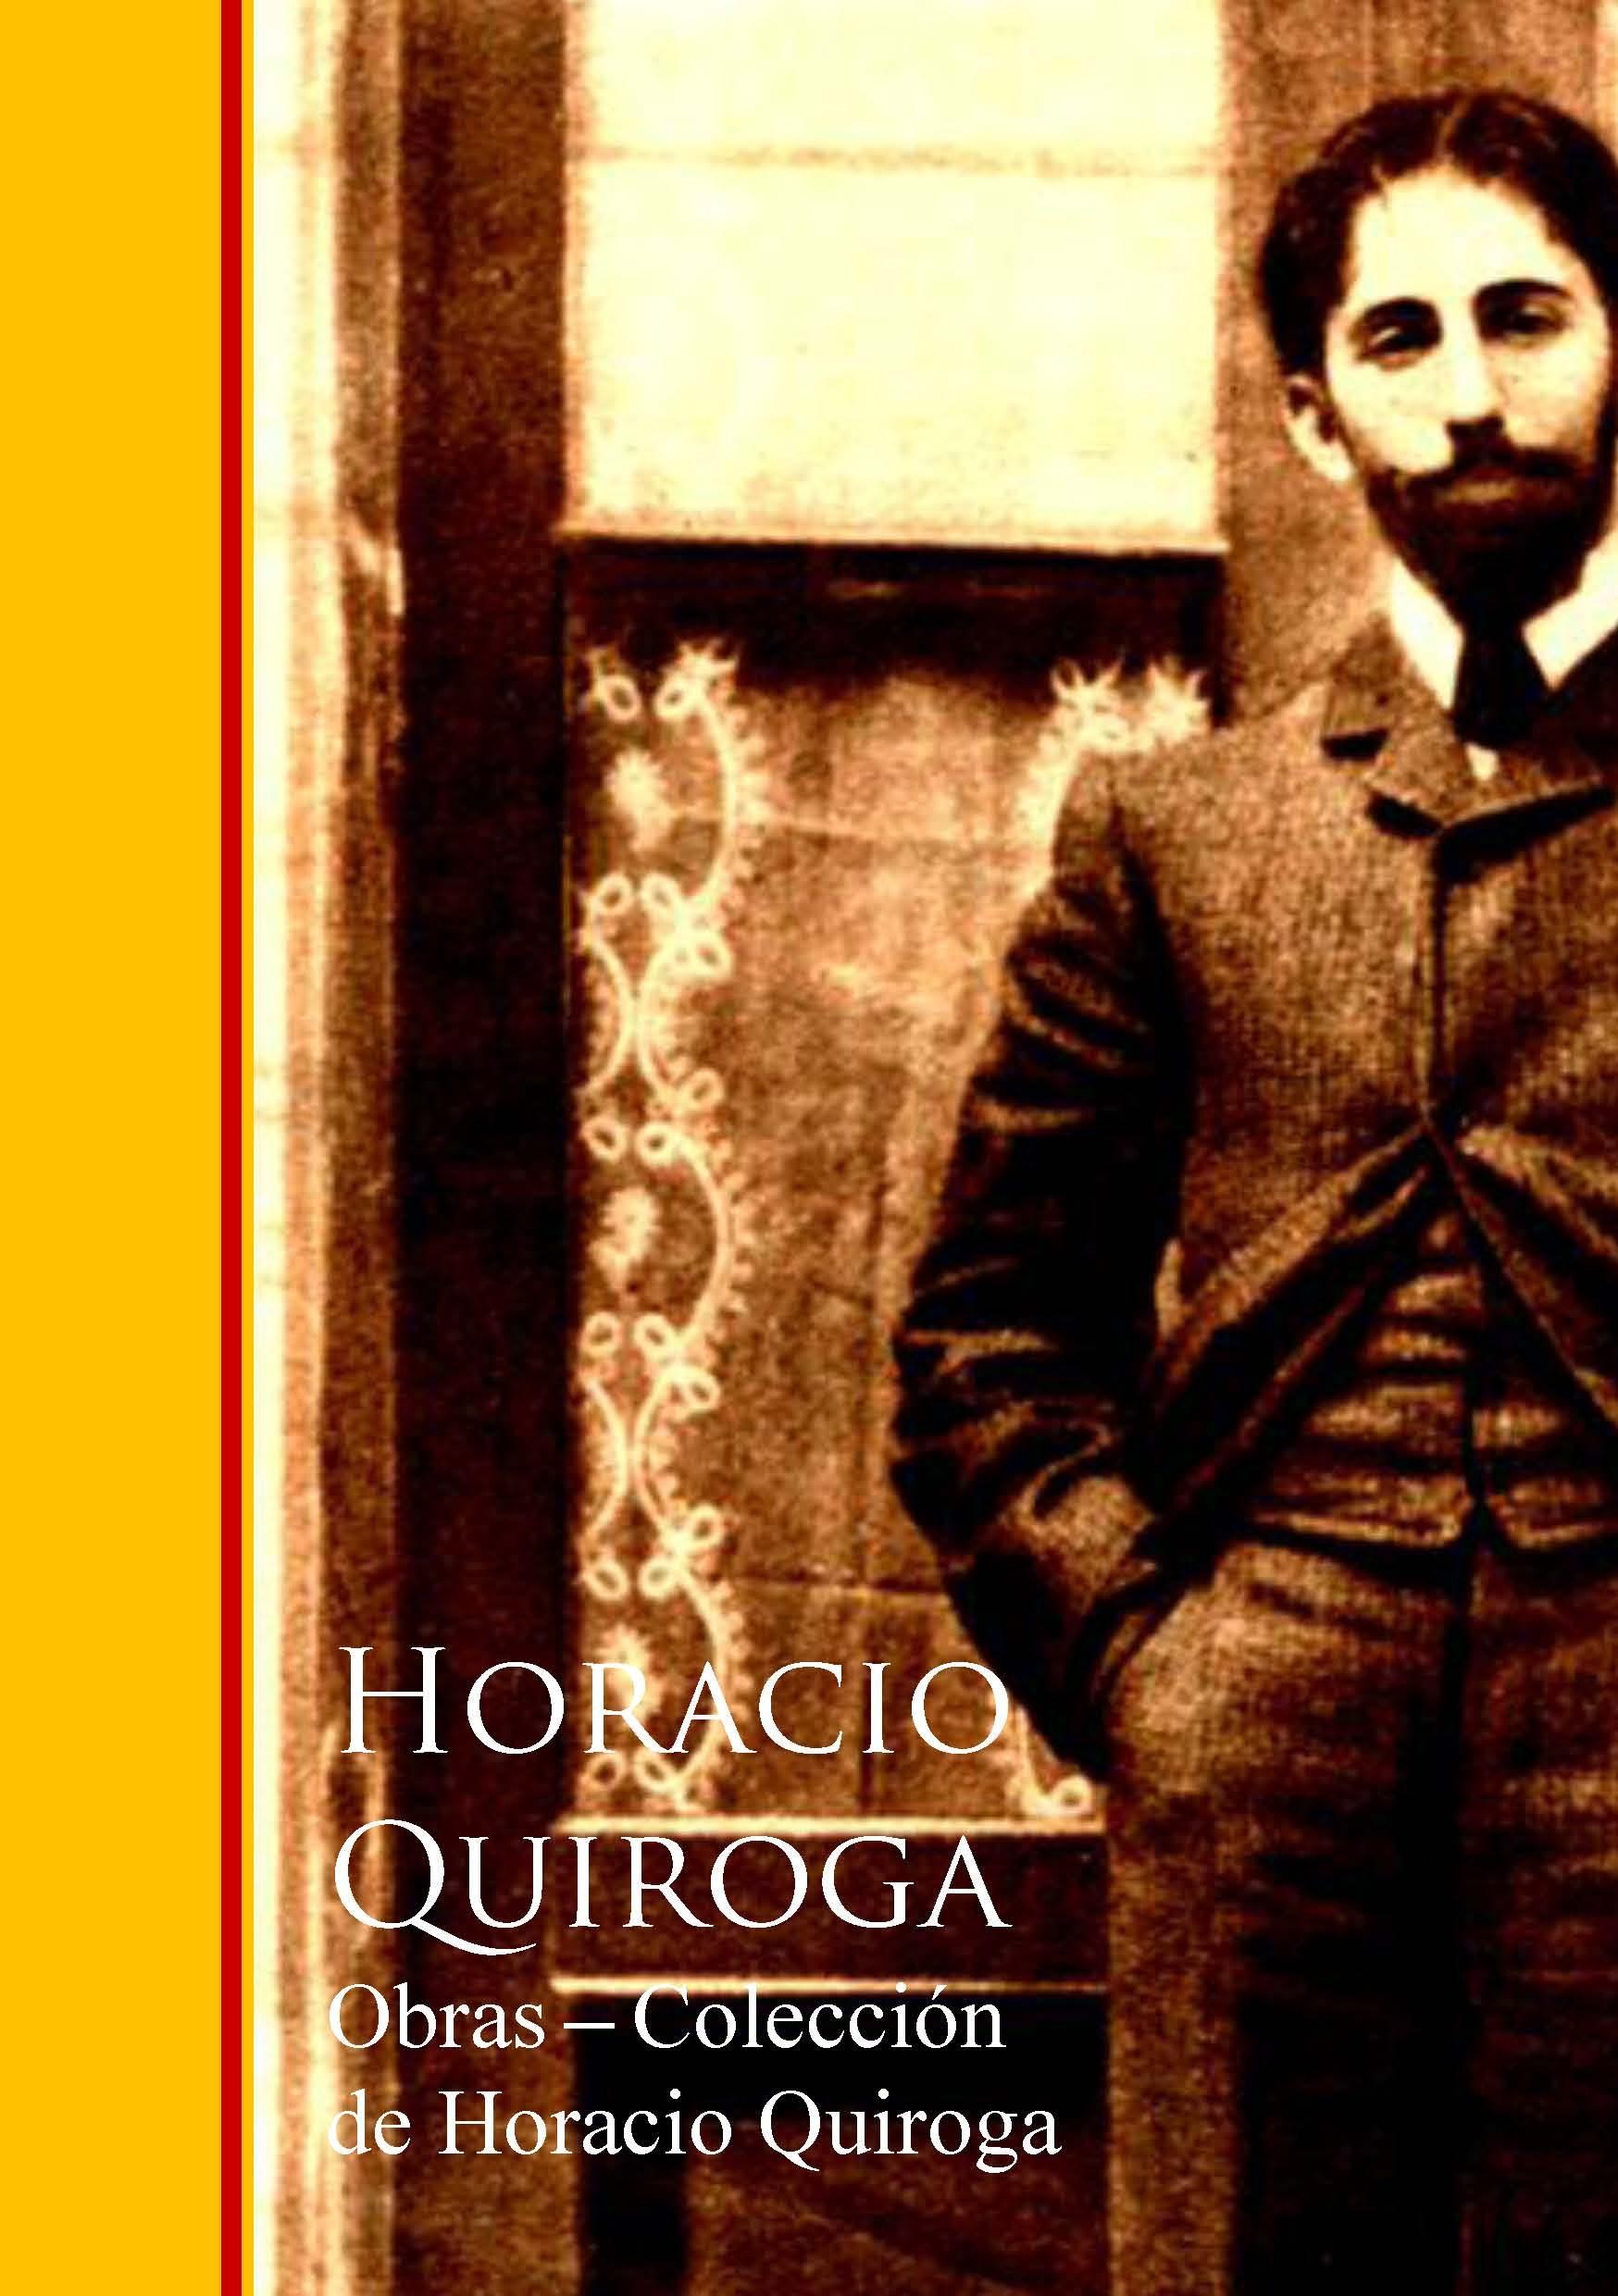 Obras - Coleccion de Horacio Quiroga